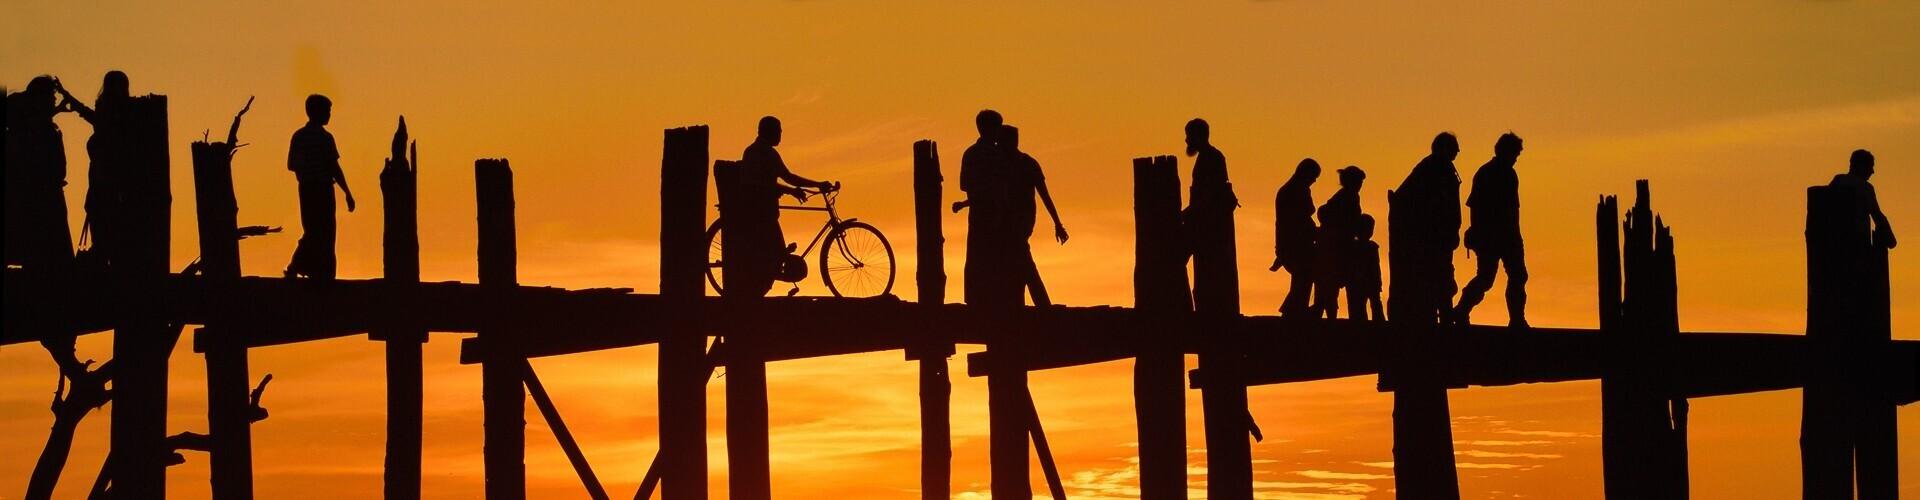 voyage photo birmanie christophe boisvieux header